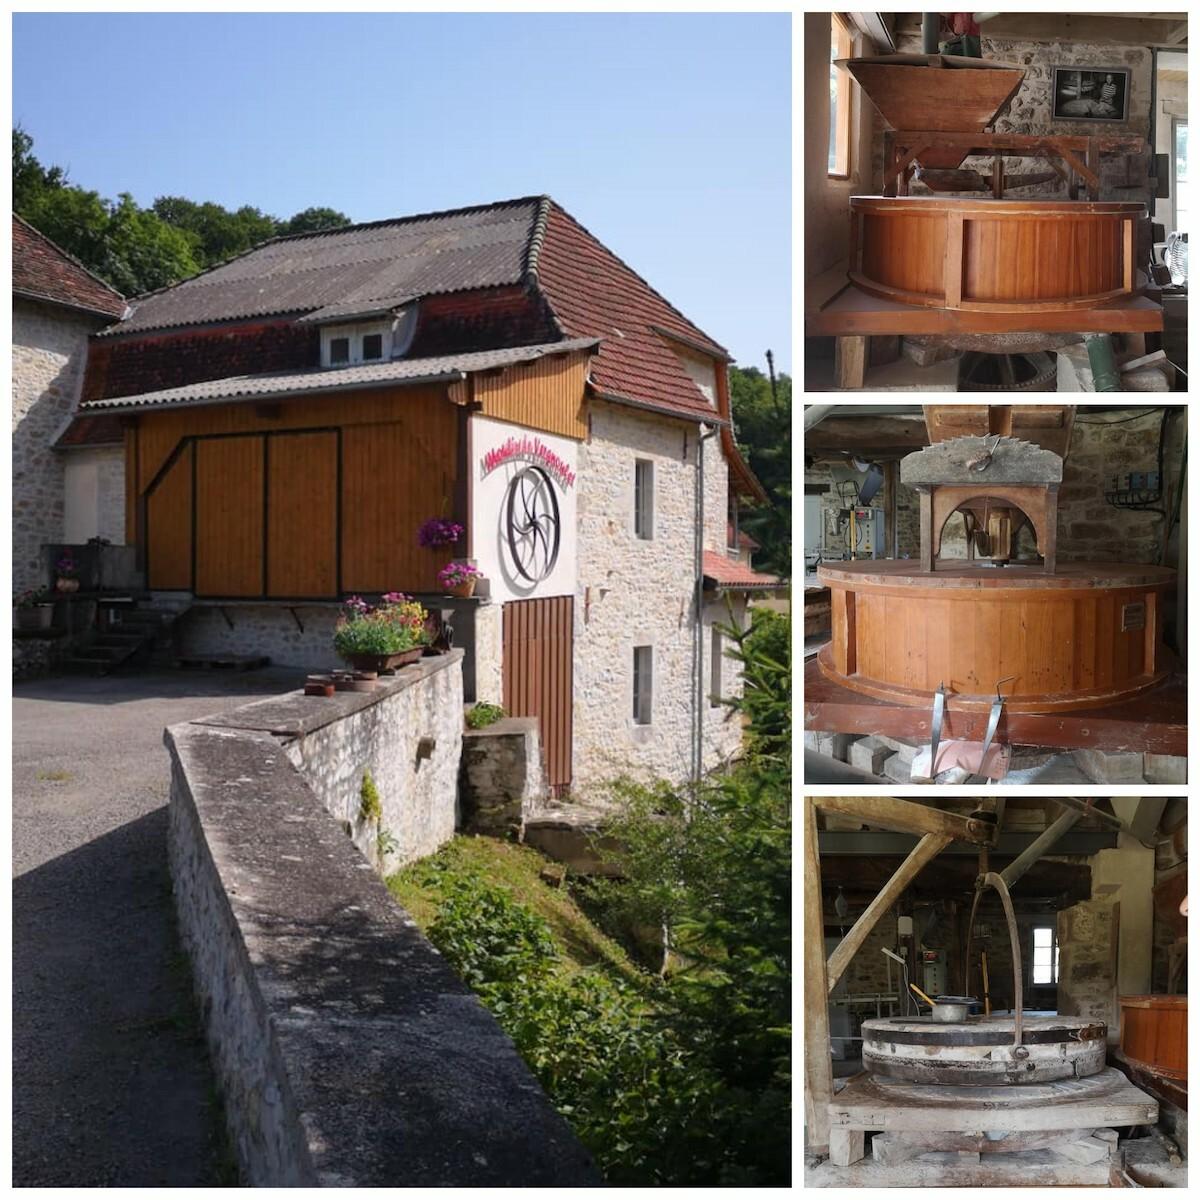 Moulin de Vergnoulet à Mayrinhac-Lentour